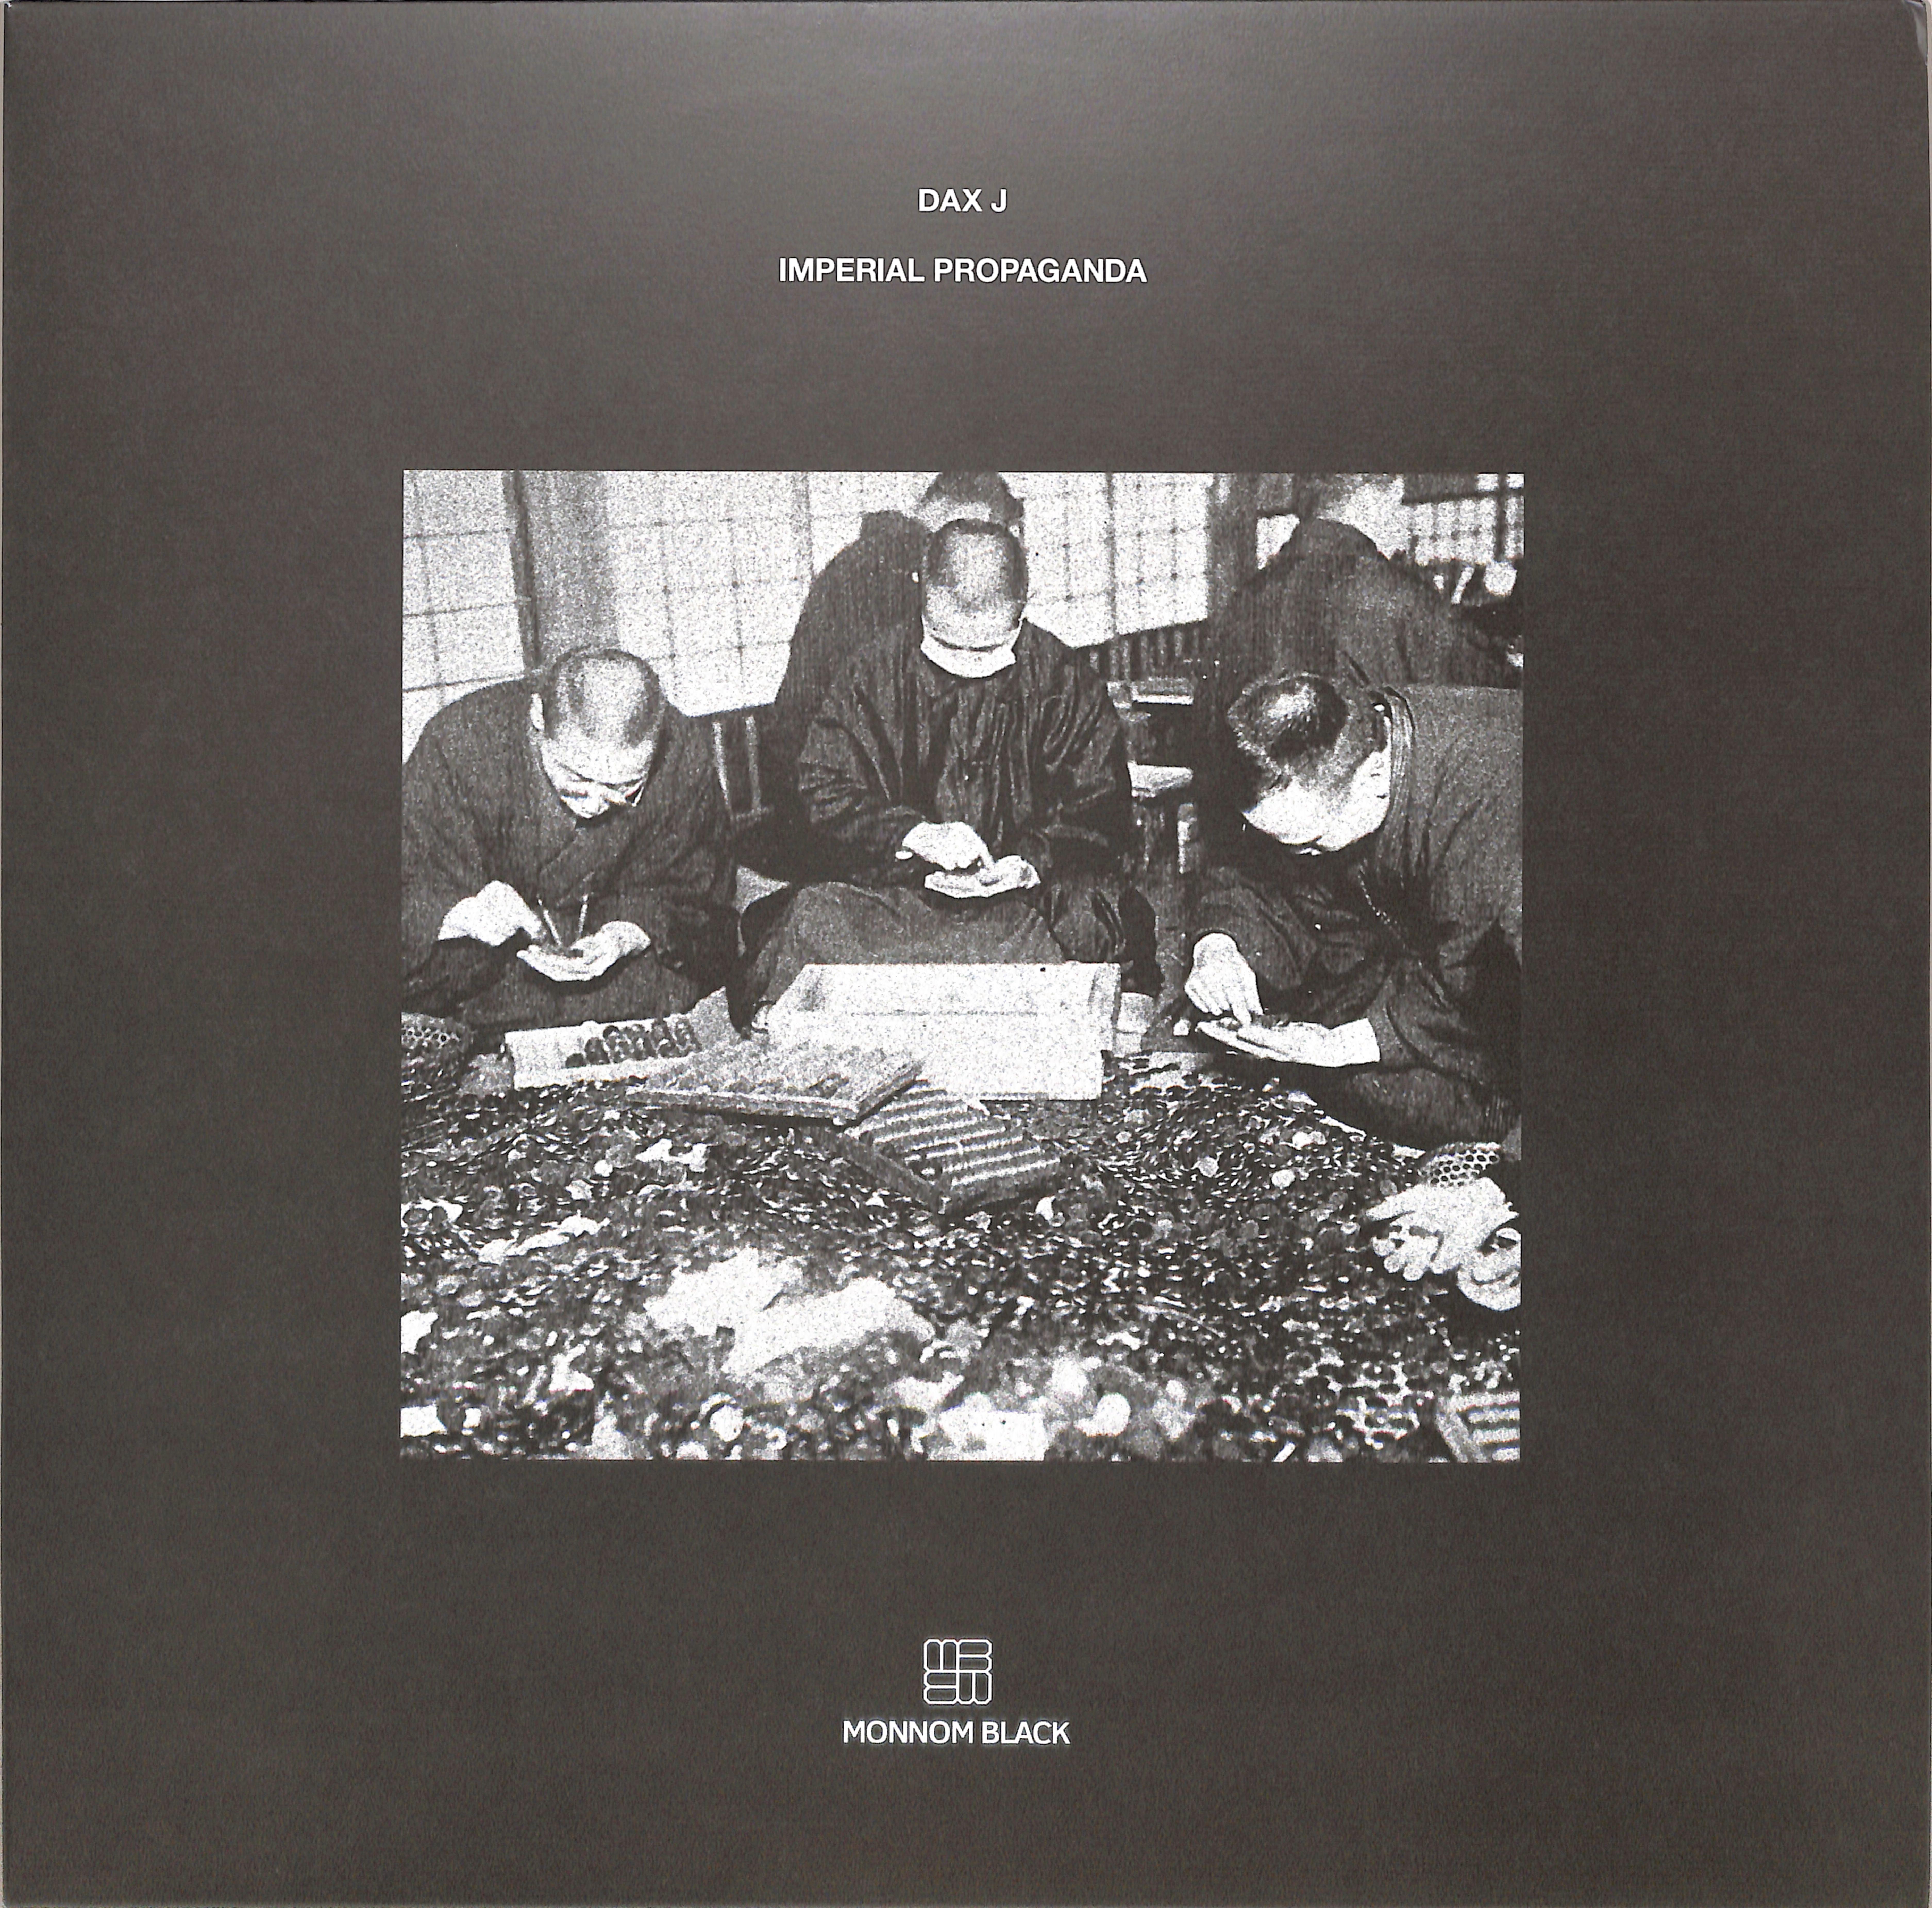 Dax J - IMPERIAL PROPAGANDA EP